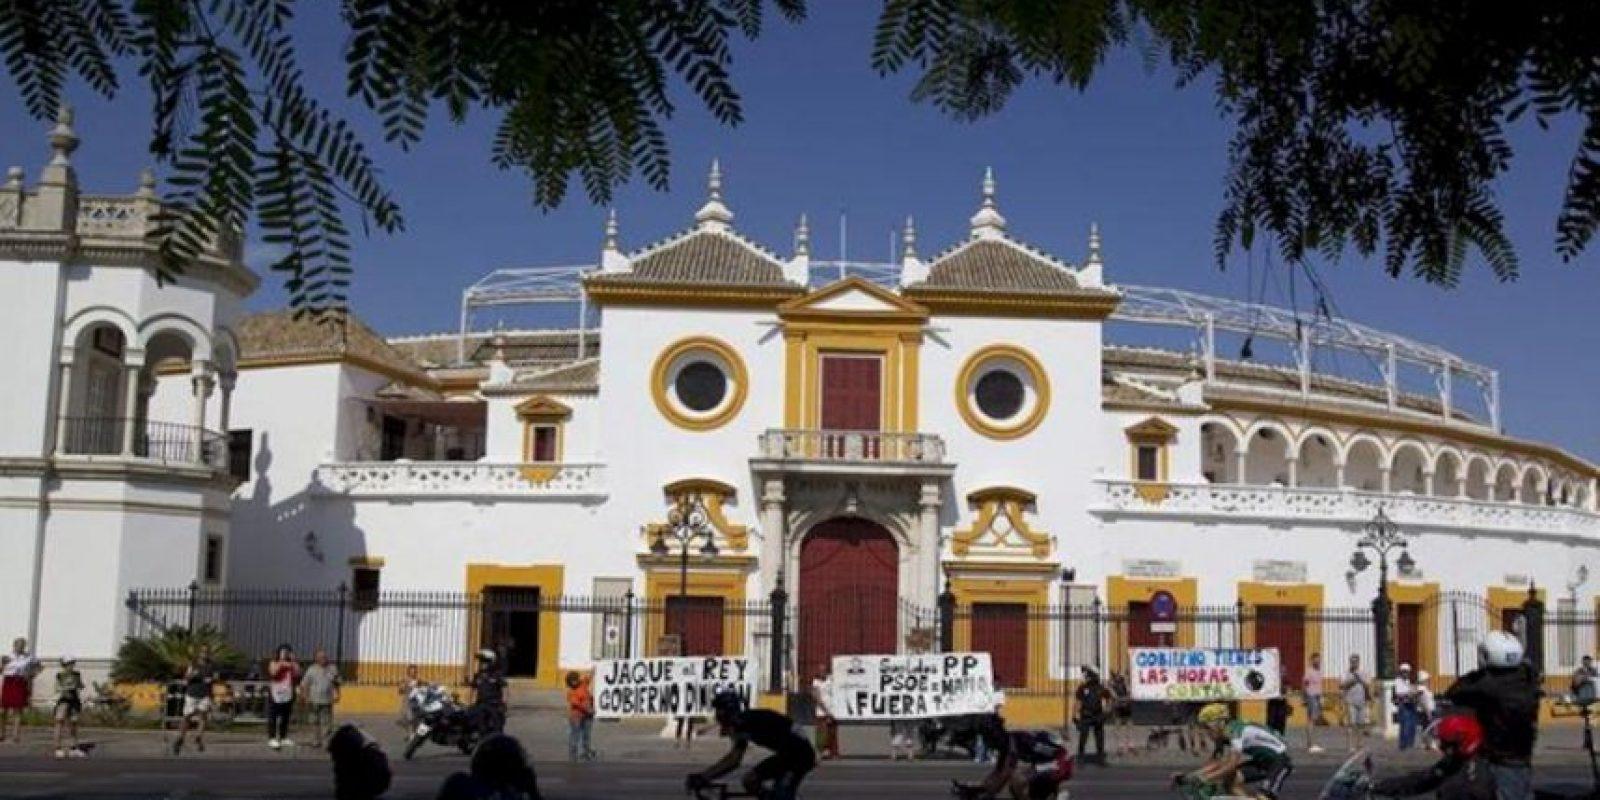 El grupo de escapados a su paso por la plaza de toros de la Maestranza de Sevilla, durante la séptima etapa de la Vuelta Ciclista a España 2013 que ha partido de la localidad extremeña de Almendralejo y finaliza en el municipio sevillano de Mairena de Aljarafe, con 205,9 kilómetros de recorrido. EFE